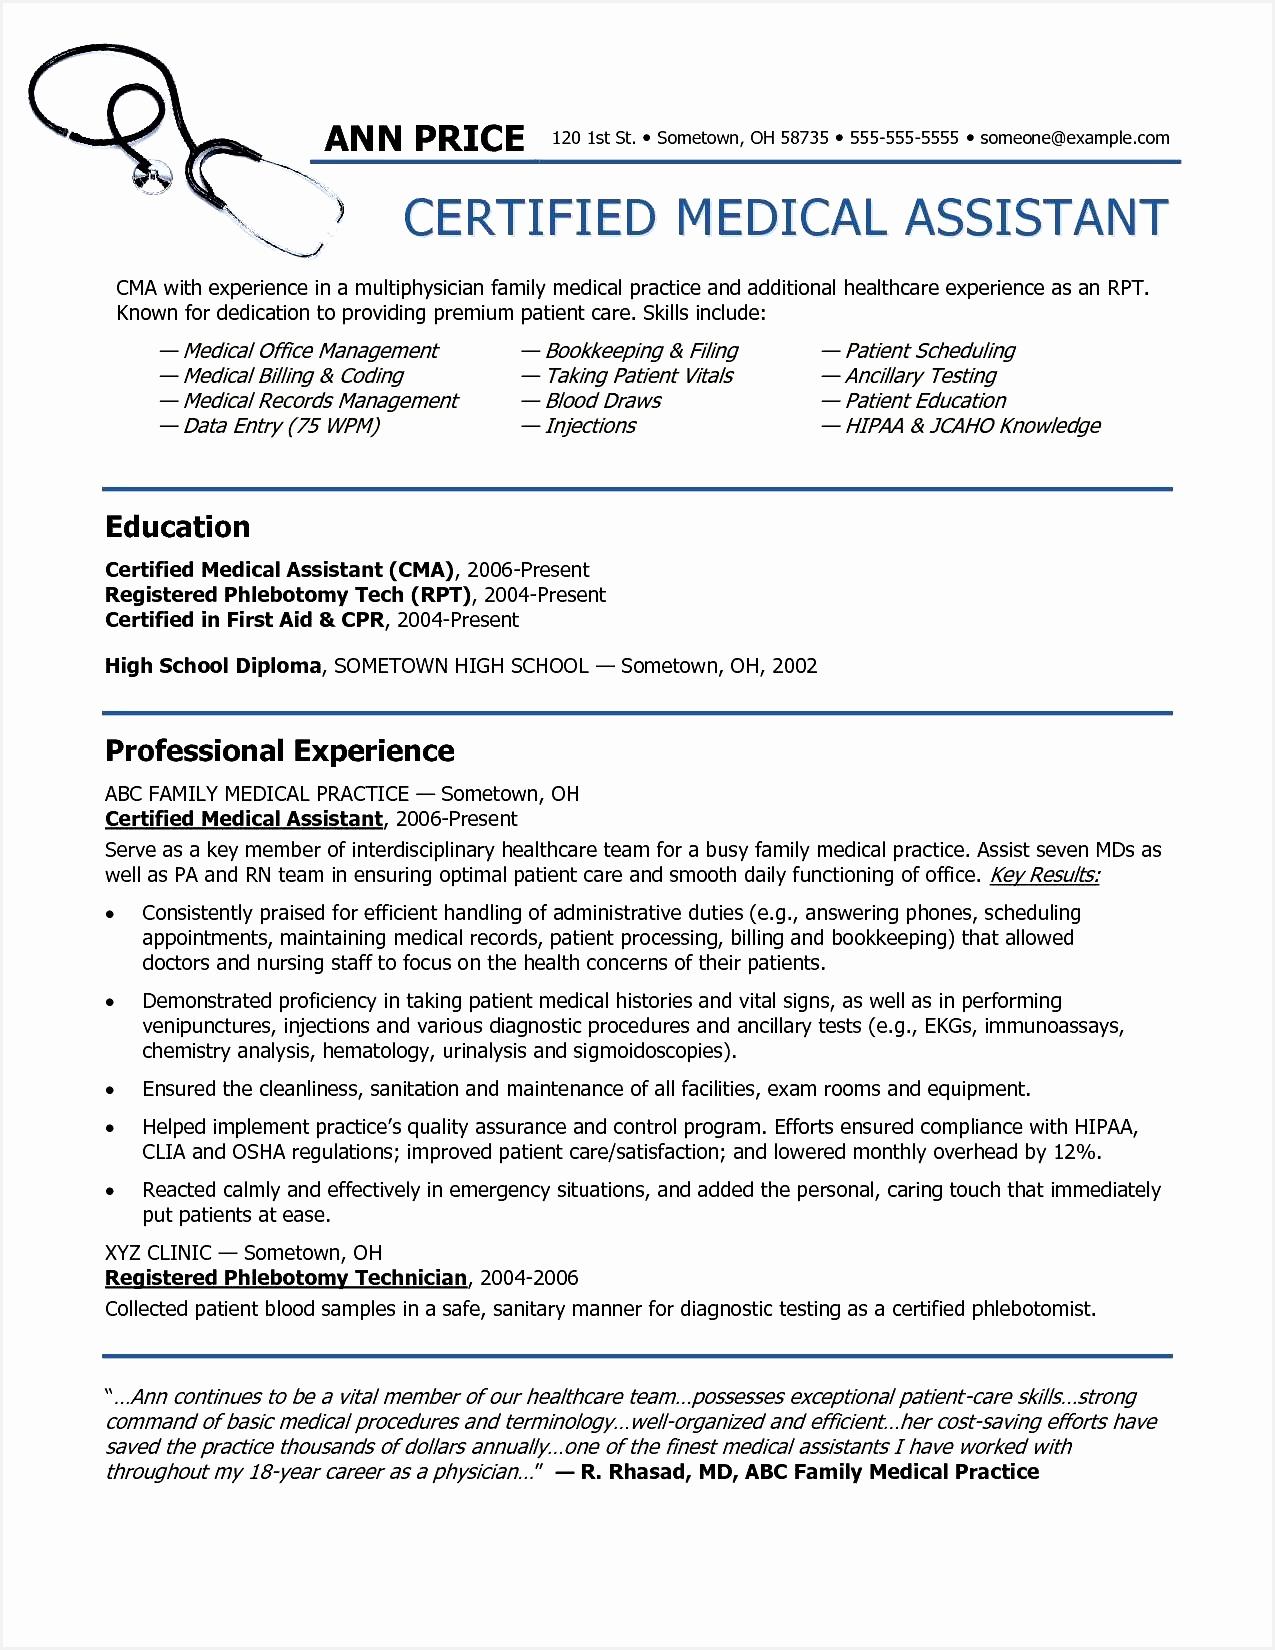 Cna Sample Resume Luxury Cover Letter Medical assistant Fresh Certified Nursing assistant Cna Sample Resume16501275